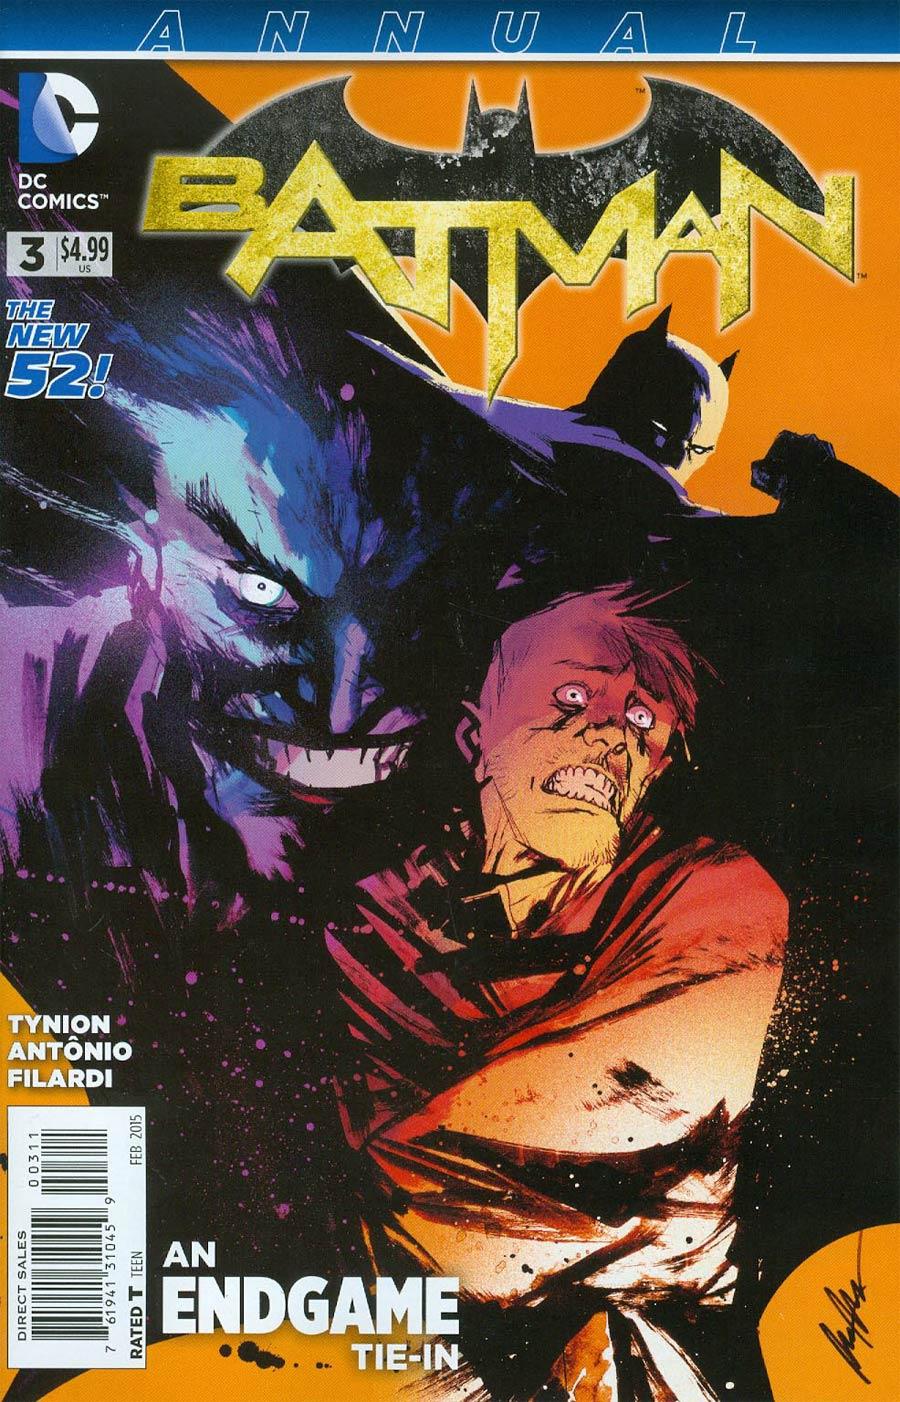 Batman Vol 2 Annual #3